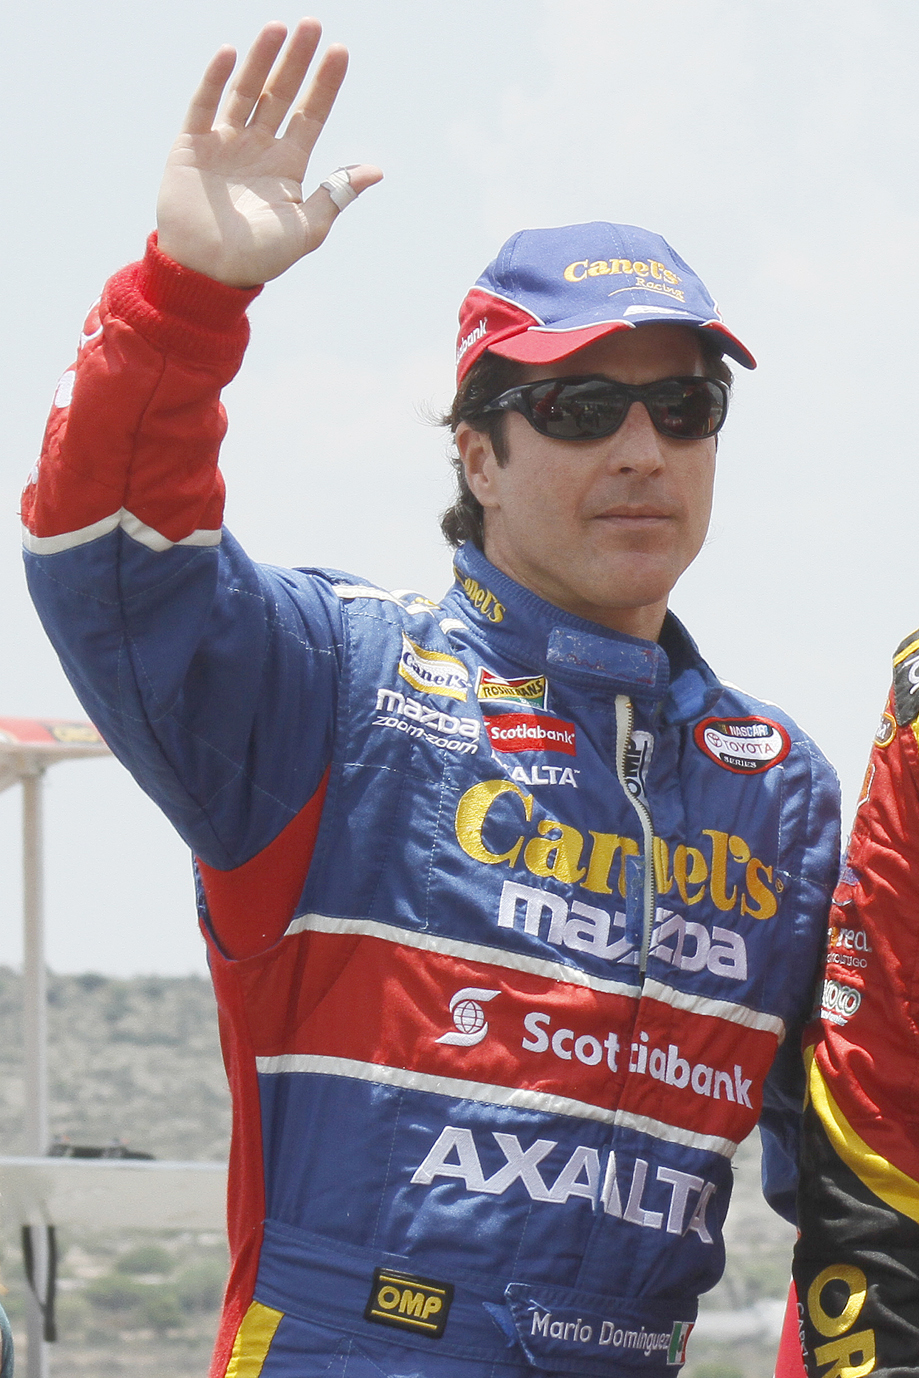 El piloto Internacional Mario Domínguez Correrá NASCAR Querétaro este Fin de Semana